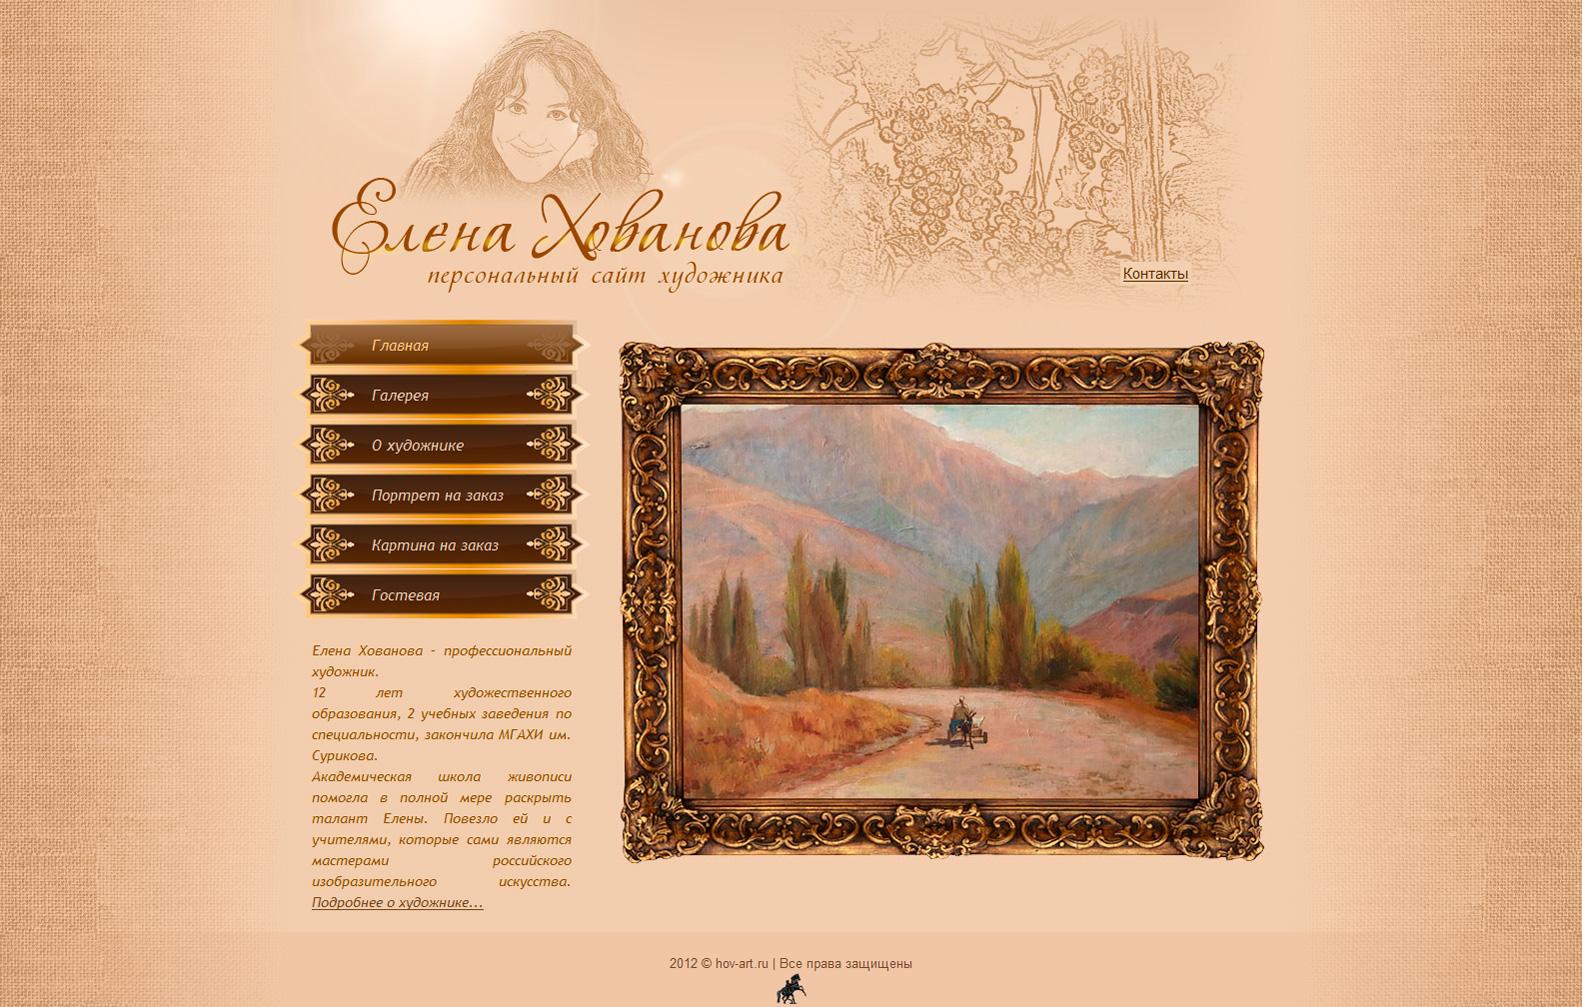 Сайт художника Елены Ховановой